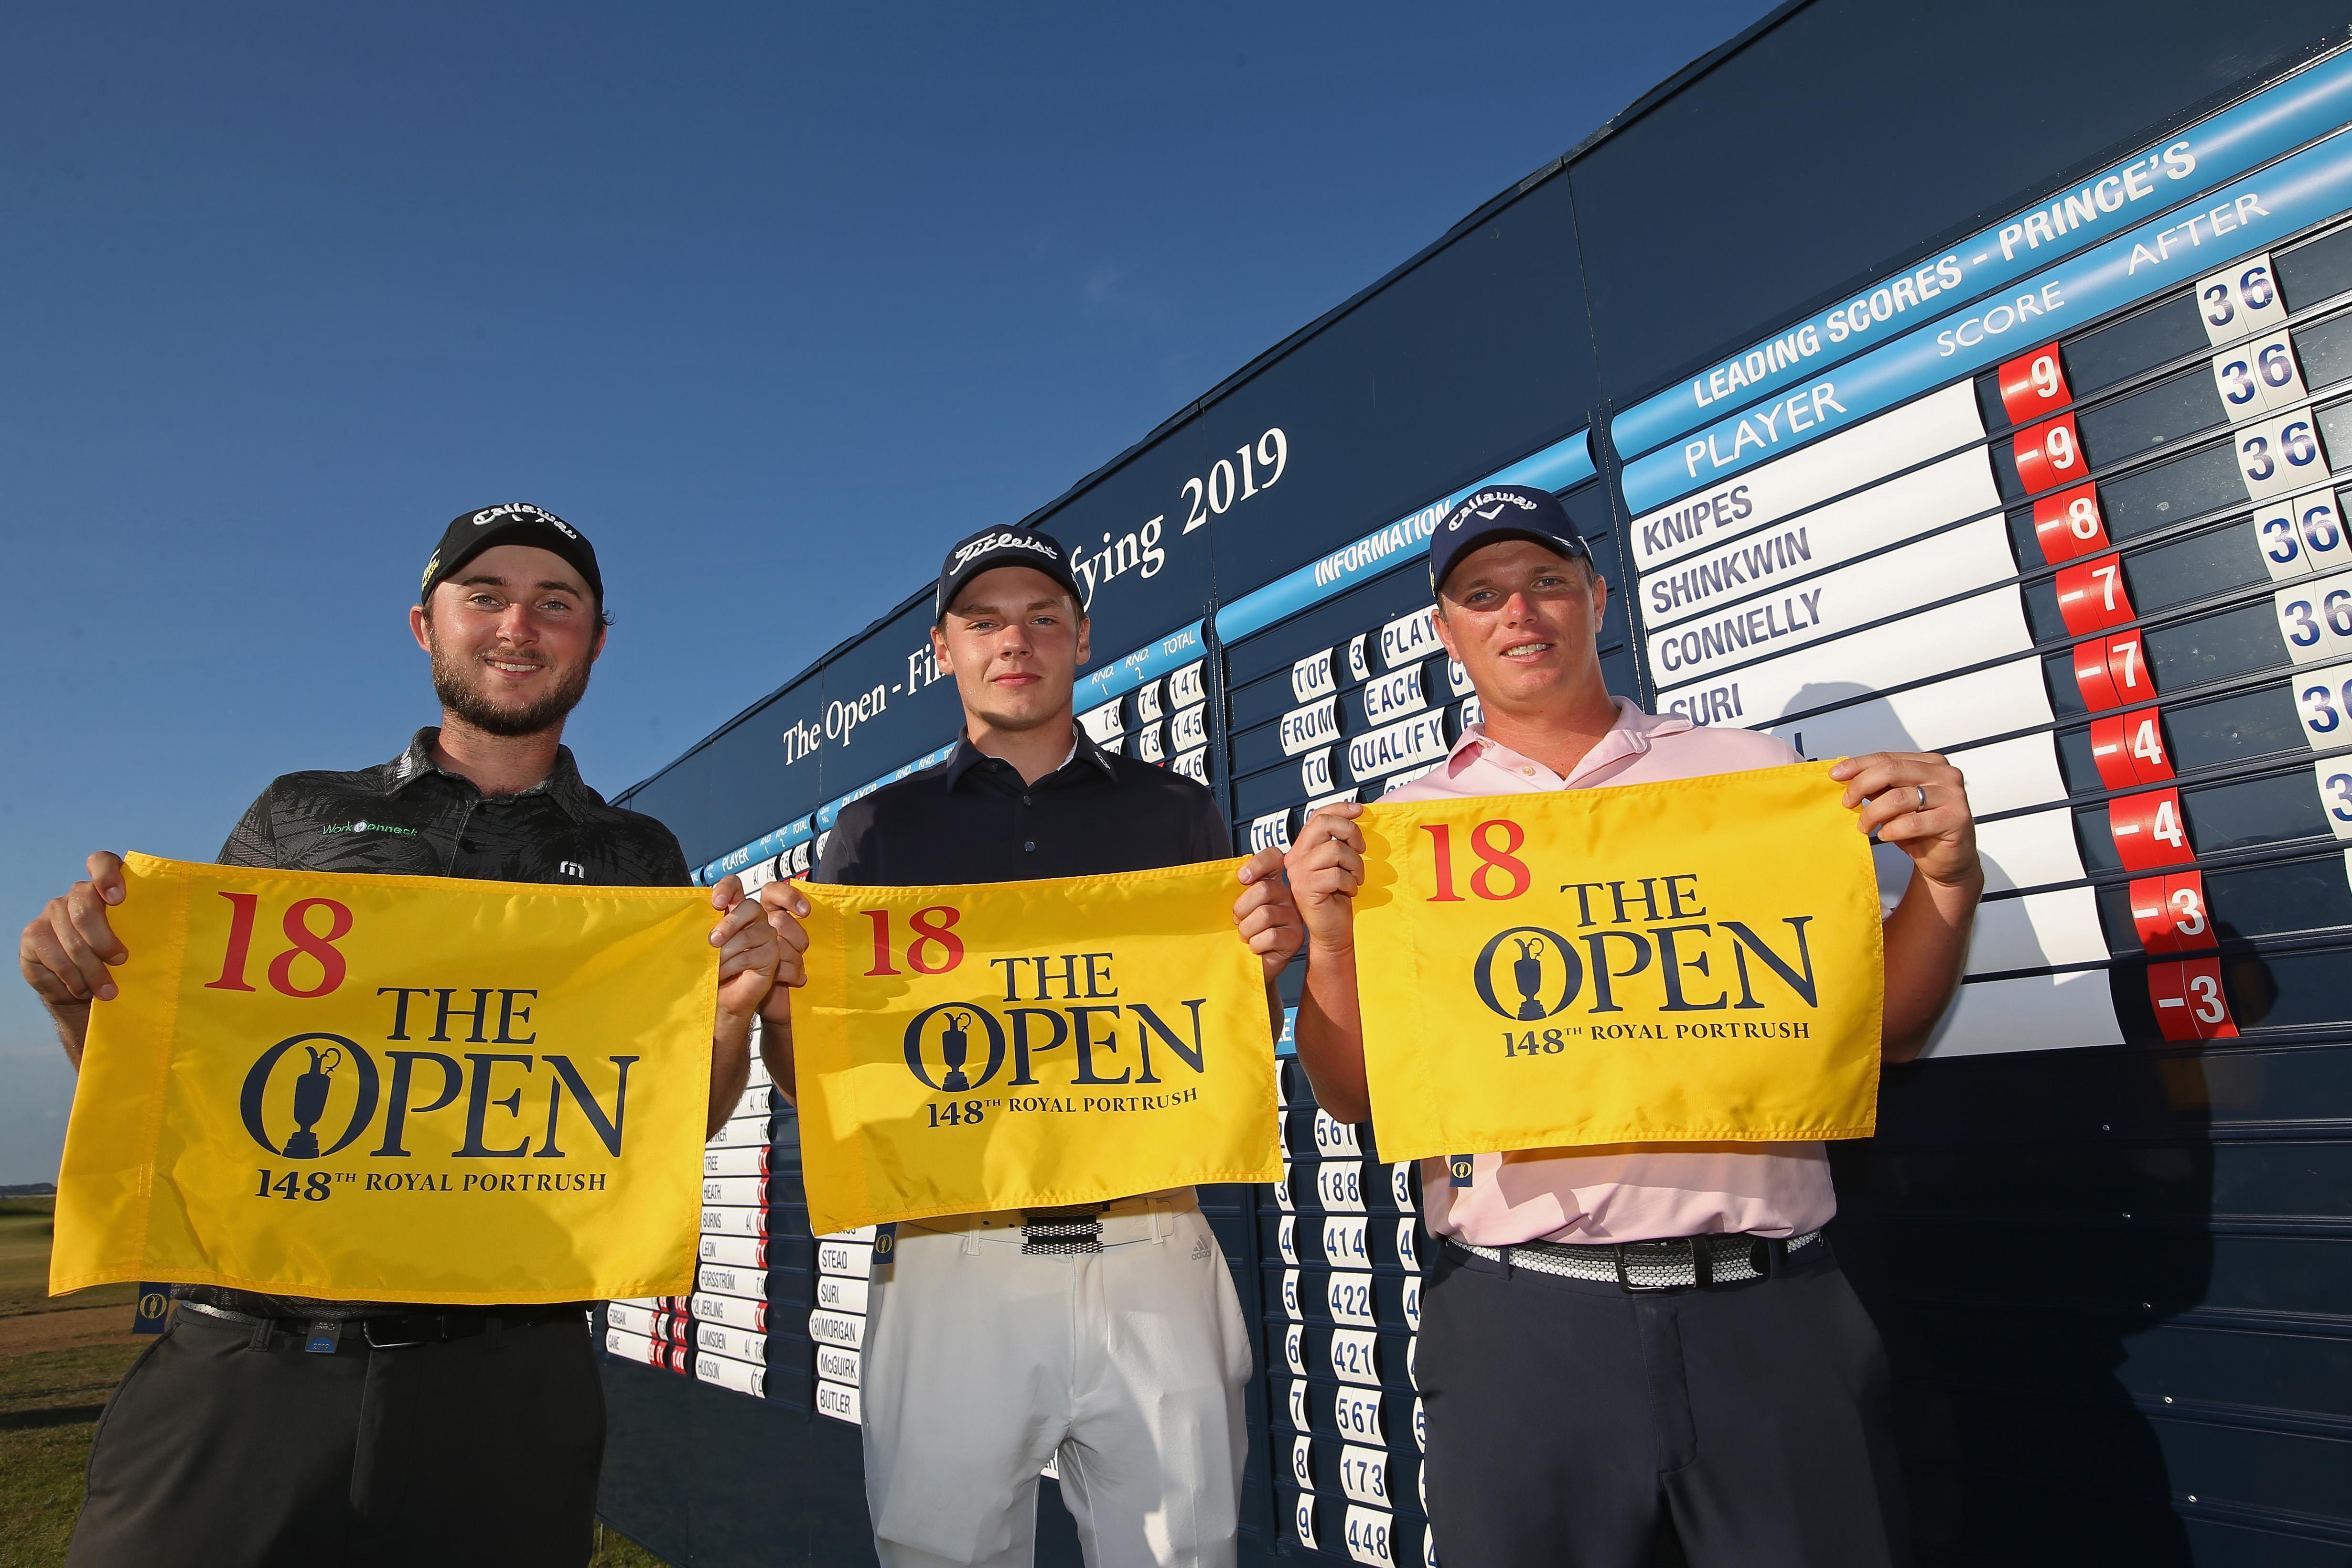 プリンスズ会場で出場権を獲得したコネリー、クナイプス、シンクウィン(左から) 写真・Getty Images